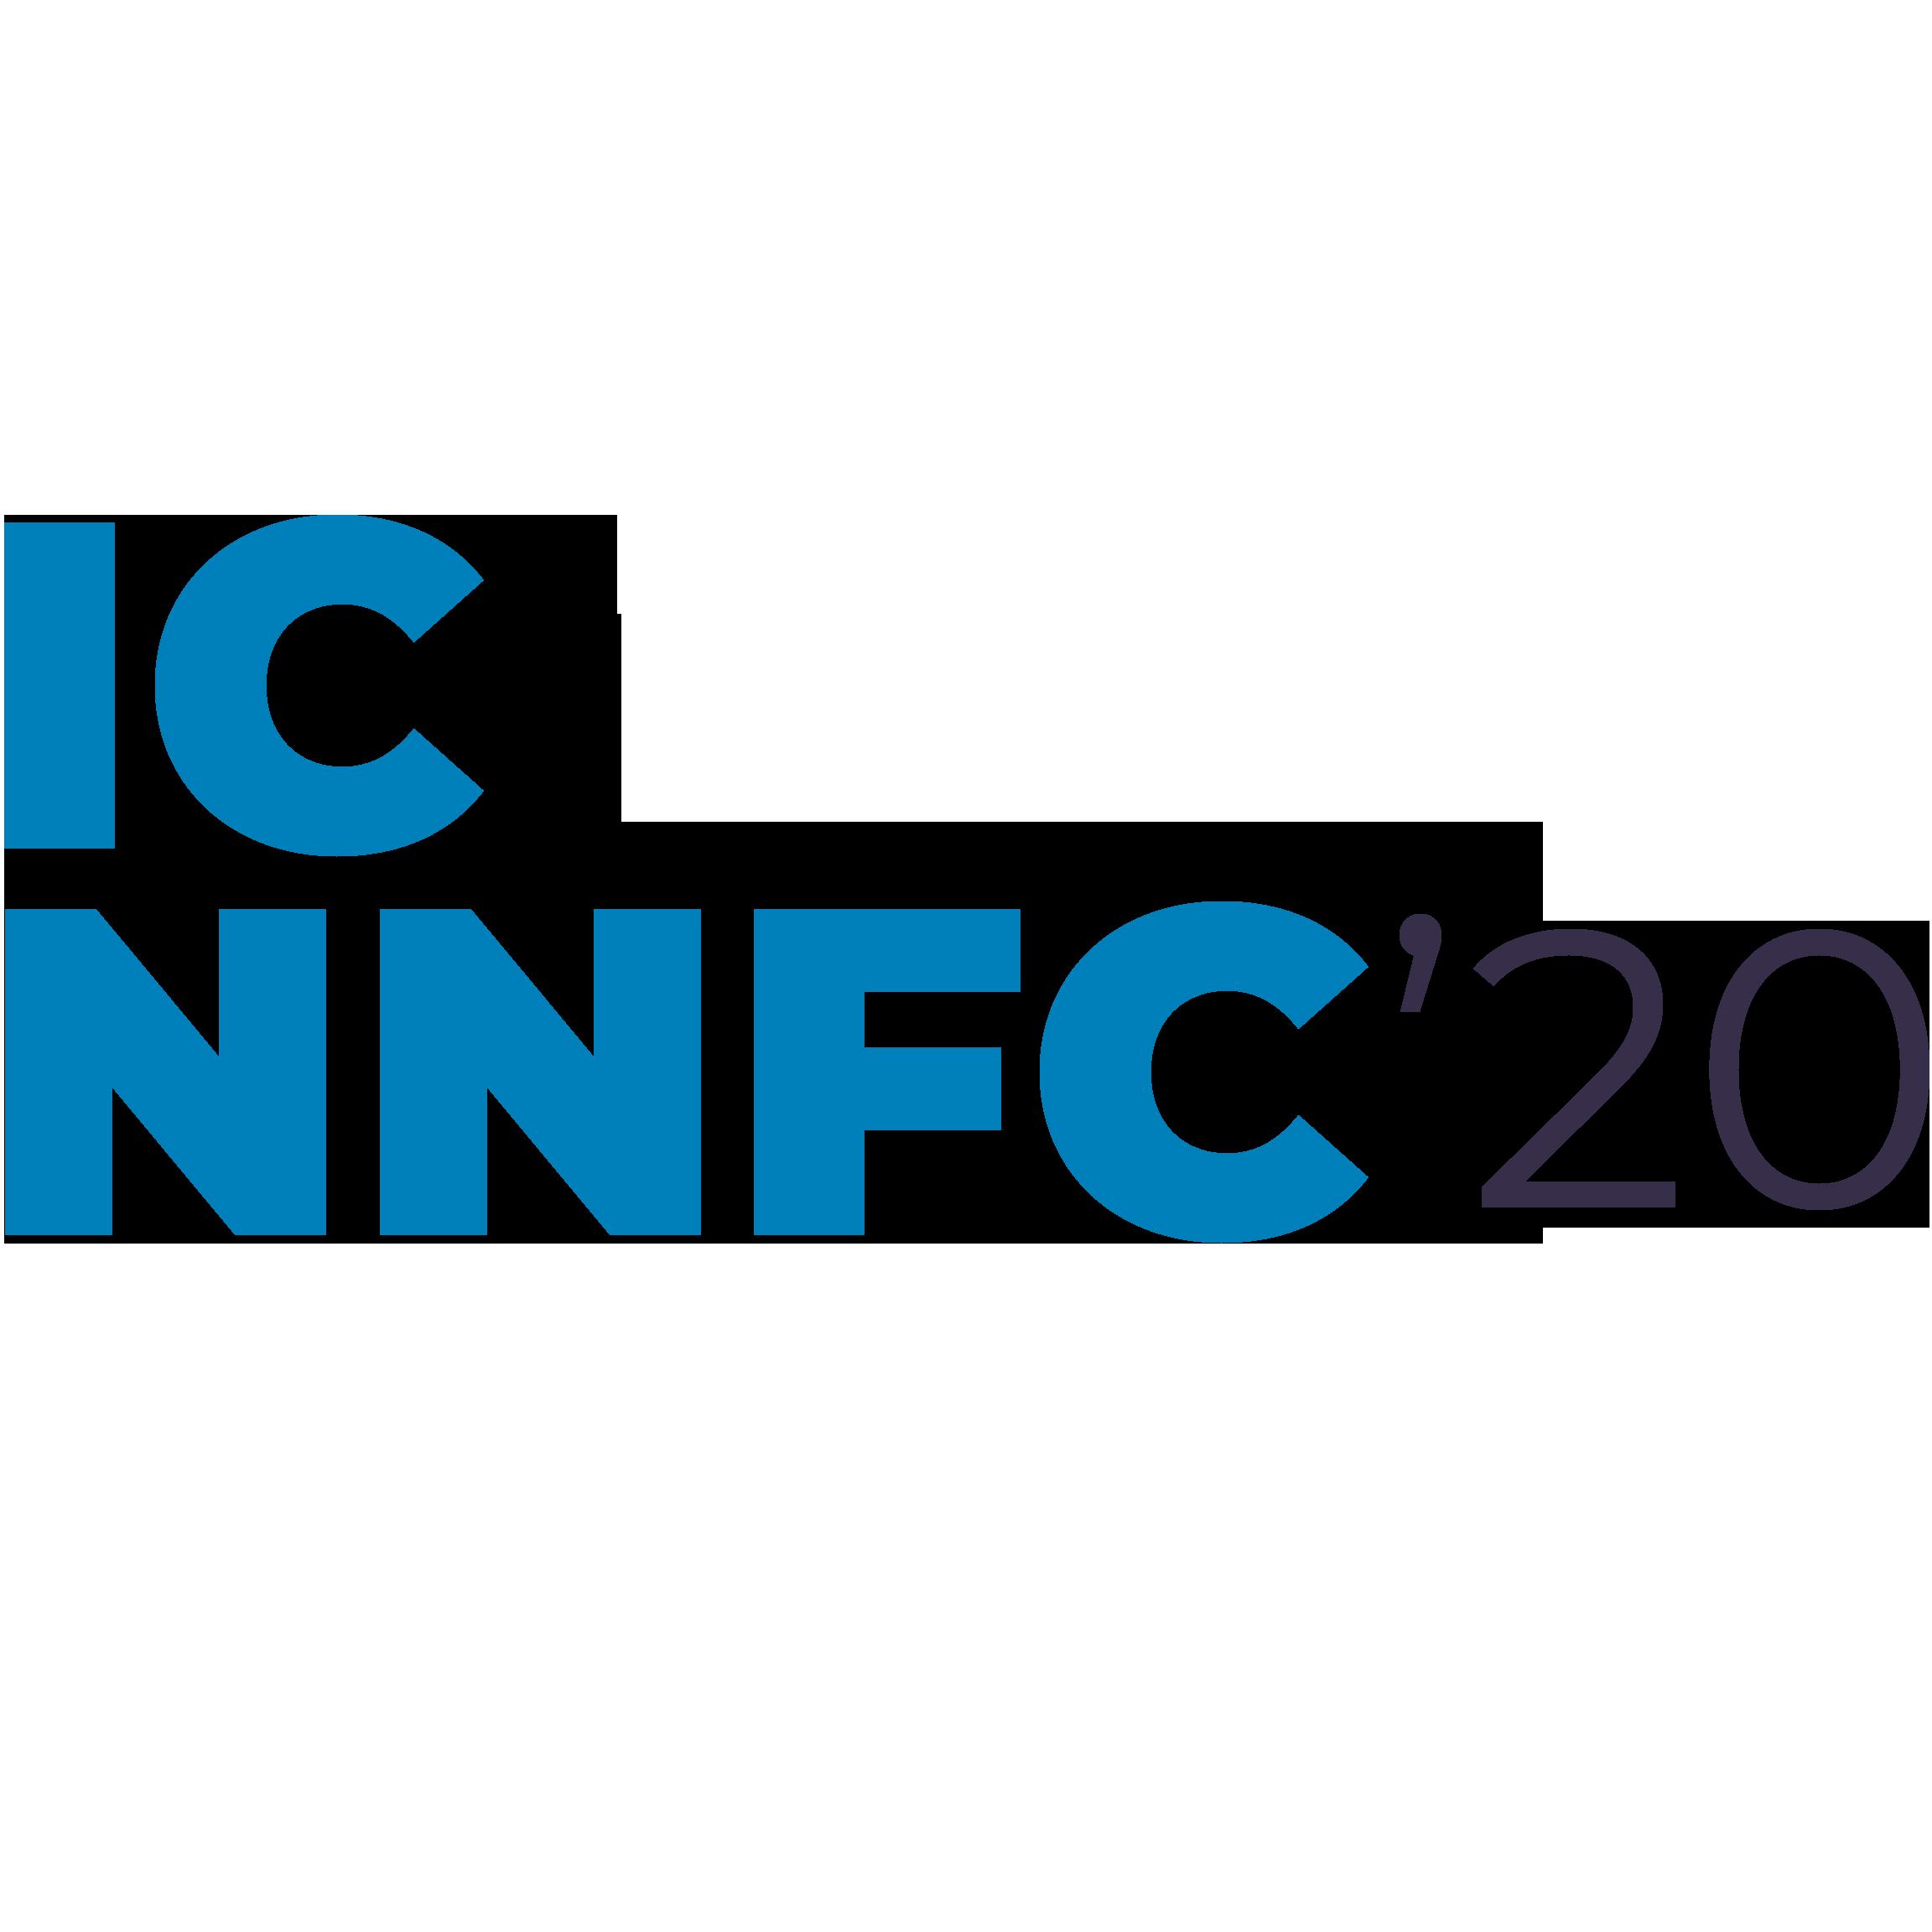 ICNNFC20